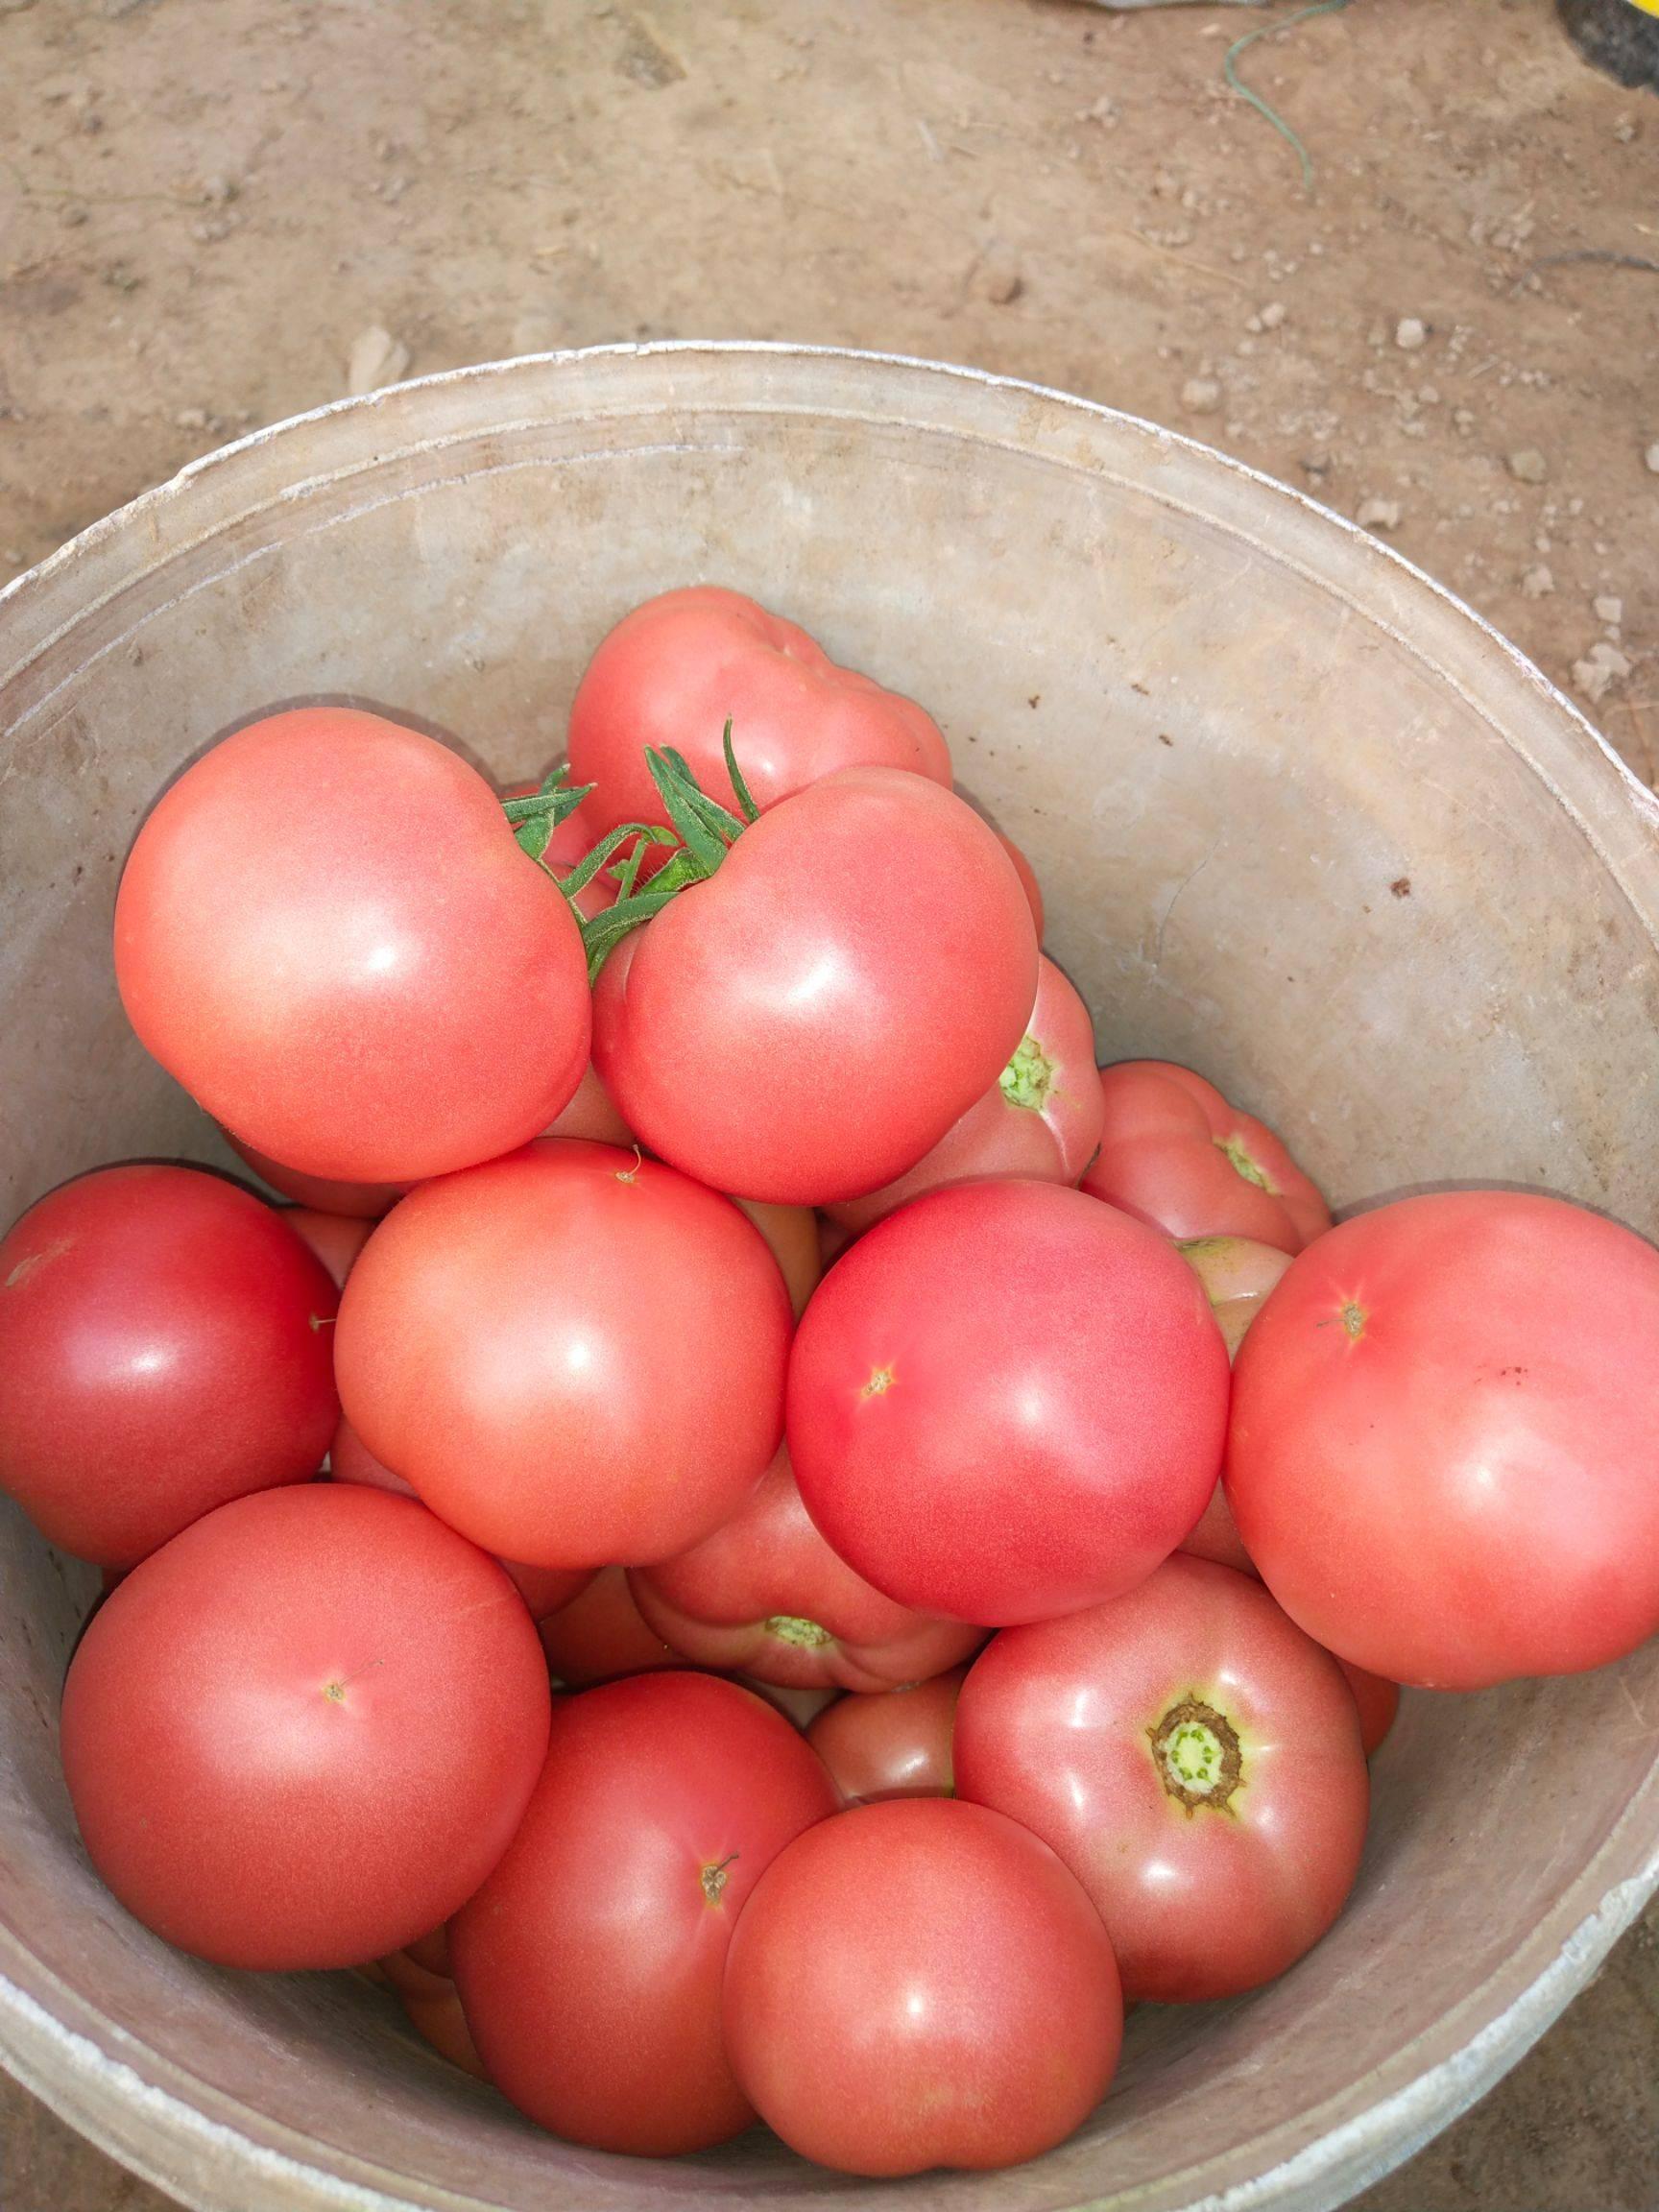 粉果番茄 通货 弧二以上 硬粉